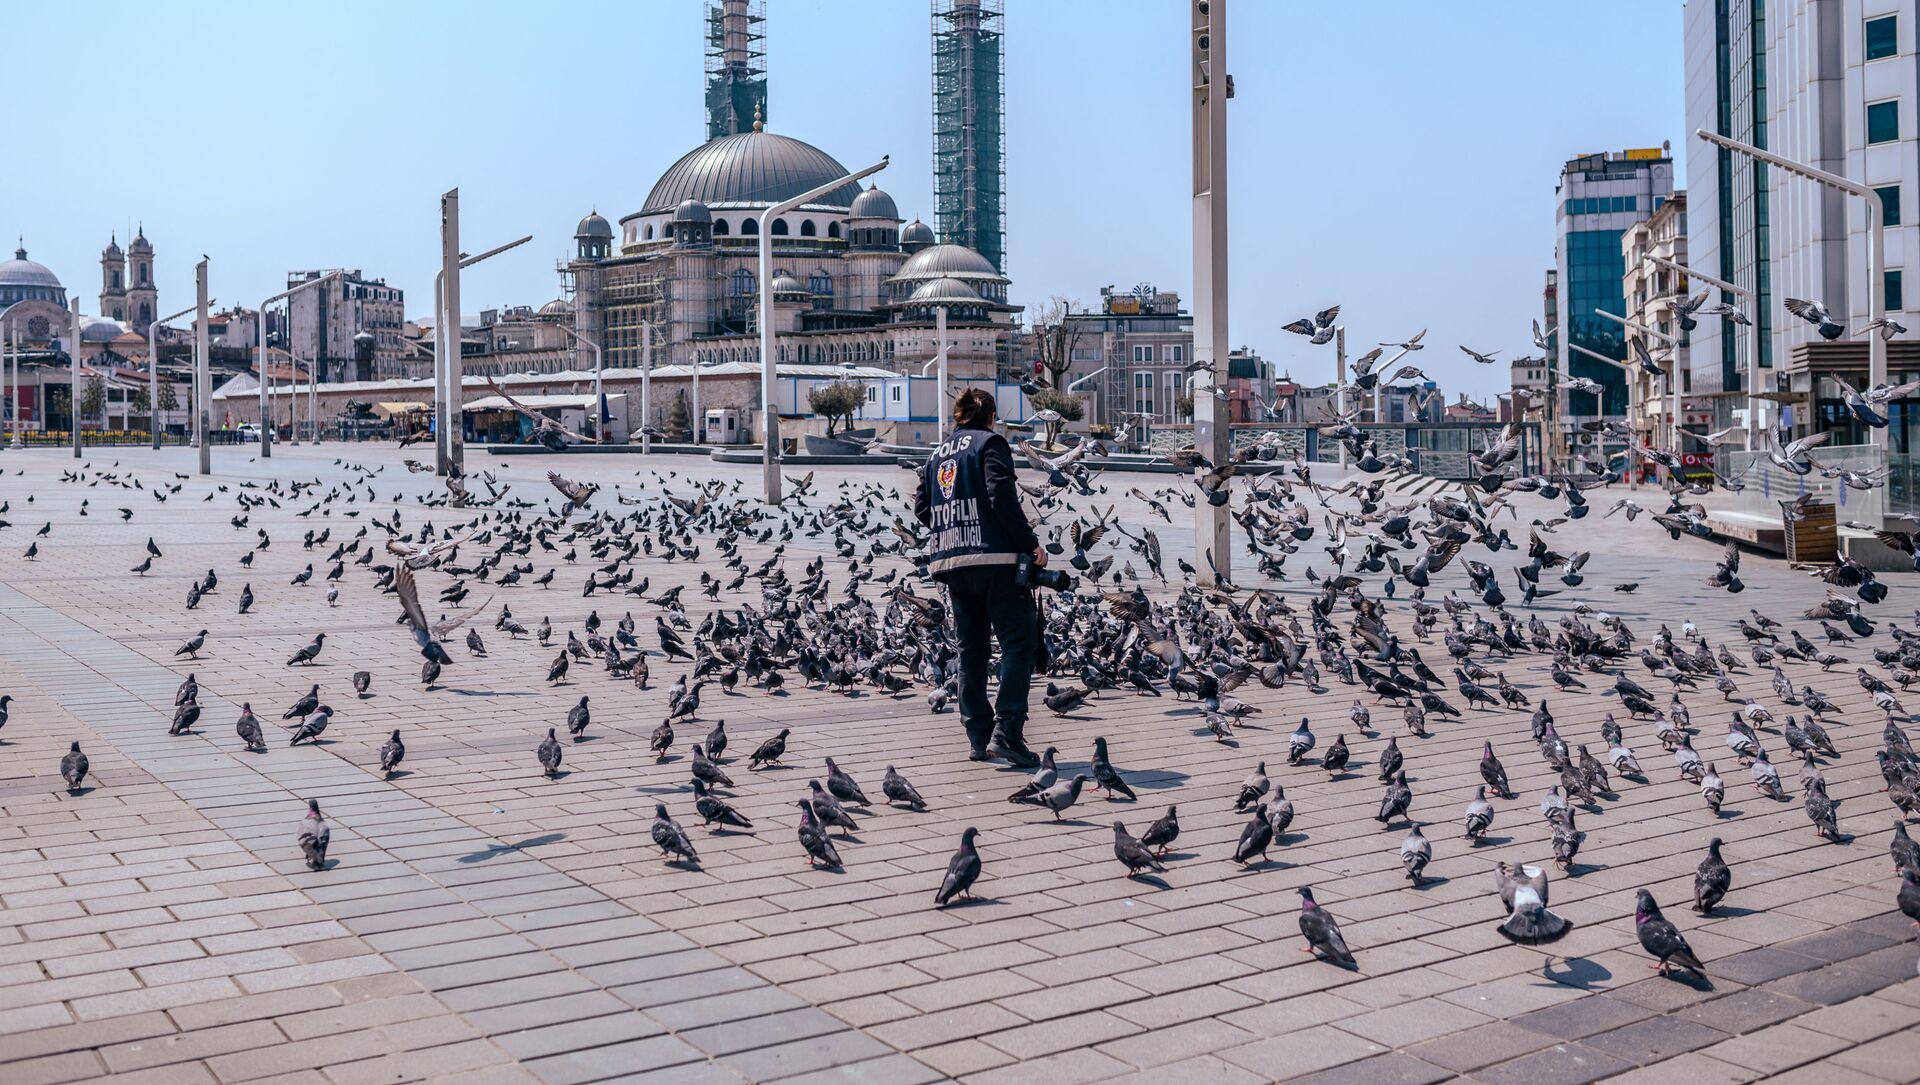 Турецкая полиция кормит голубей на площади Таксим в Стамбуле - Sputnik Беларусь, 1920, 27.04.2021